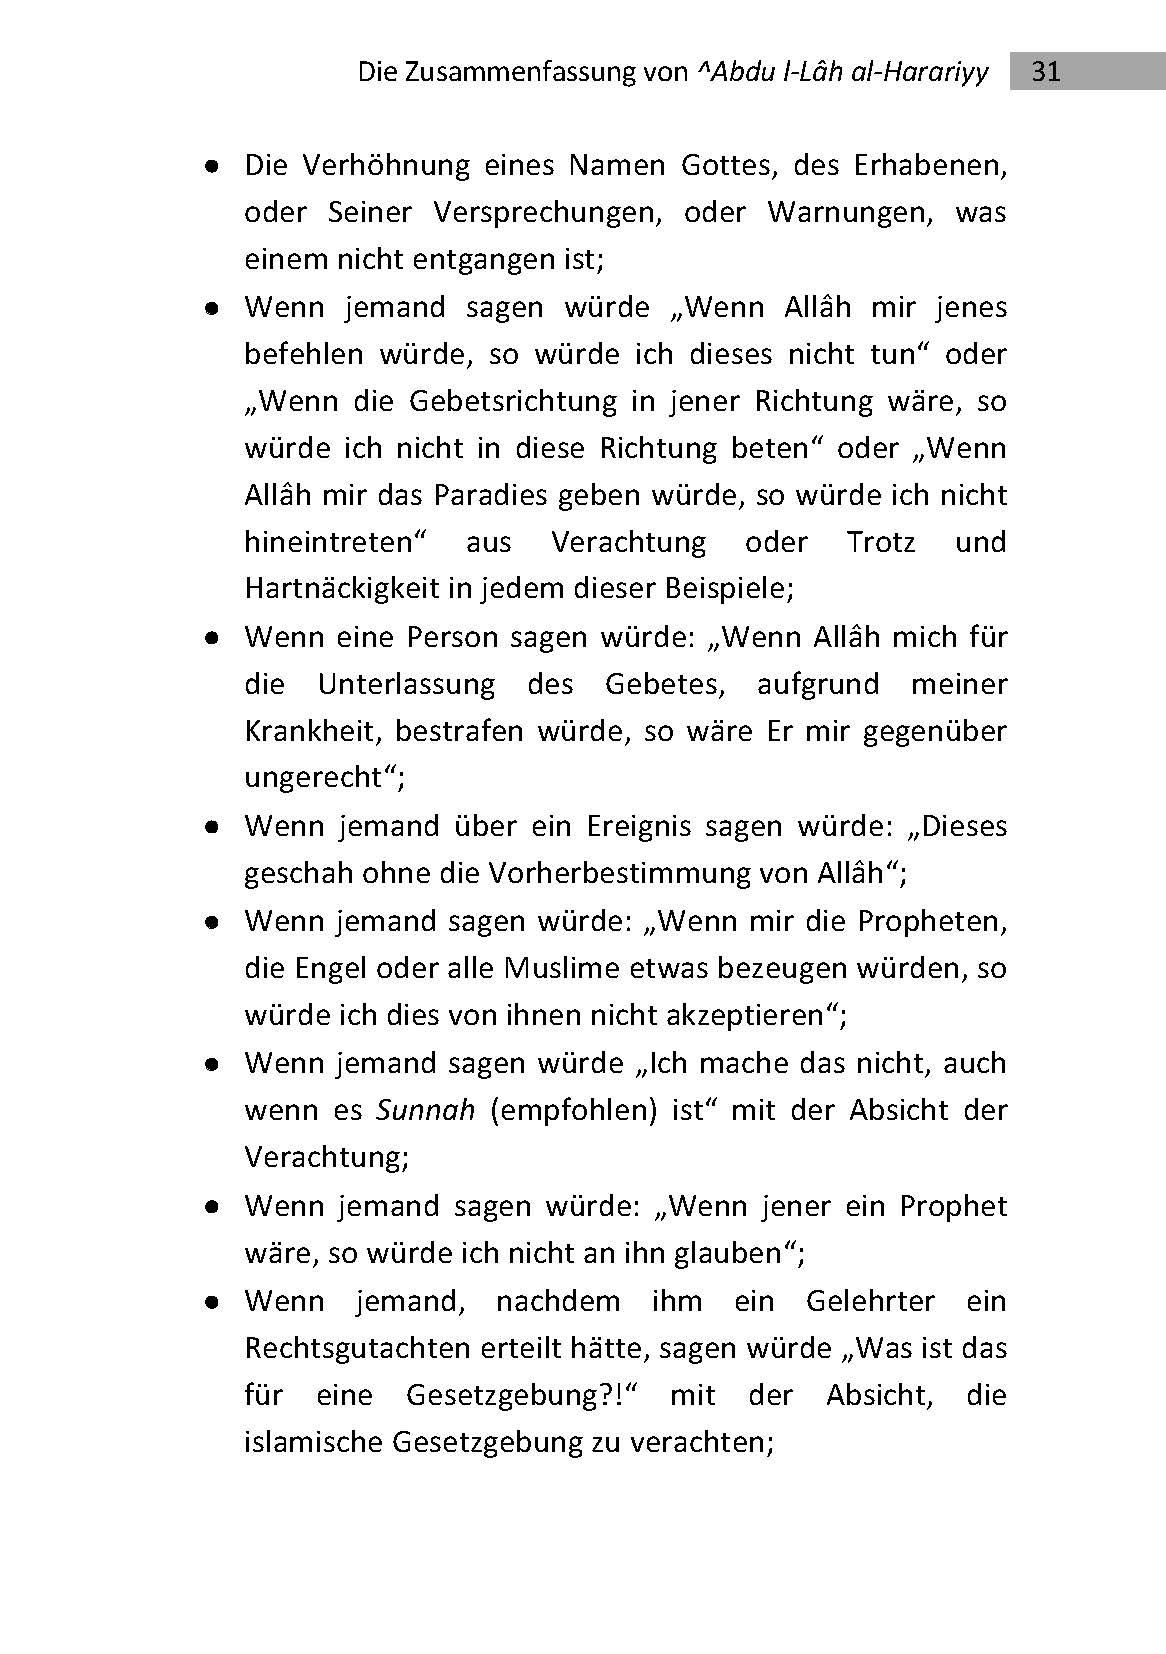 Die Zusammenfassung - 3. Auflage 2014_Seite_31